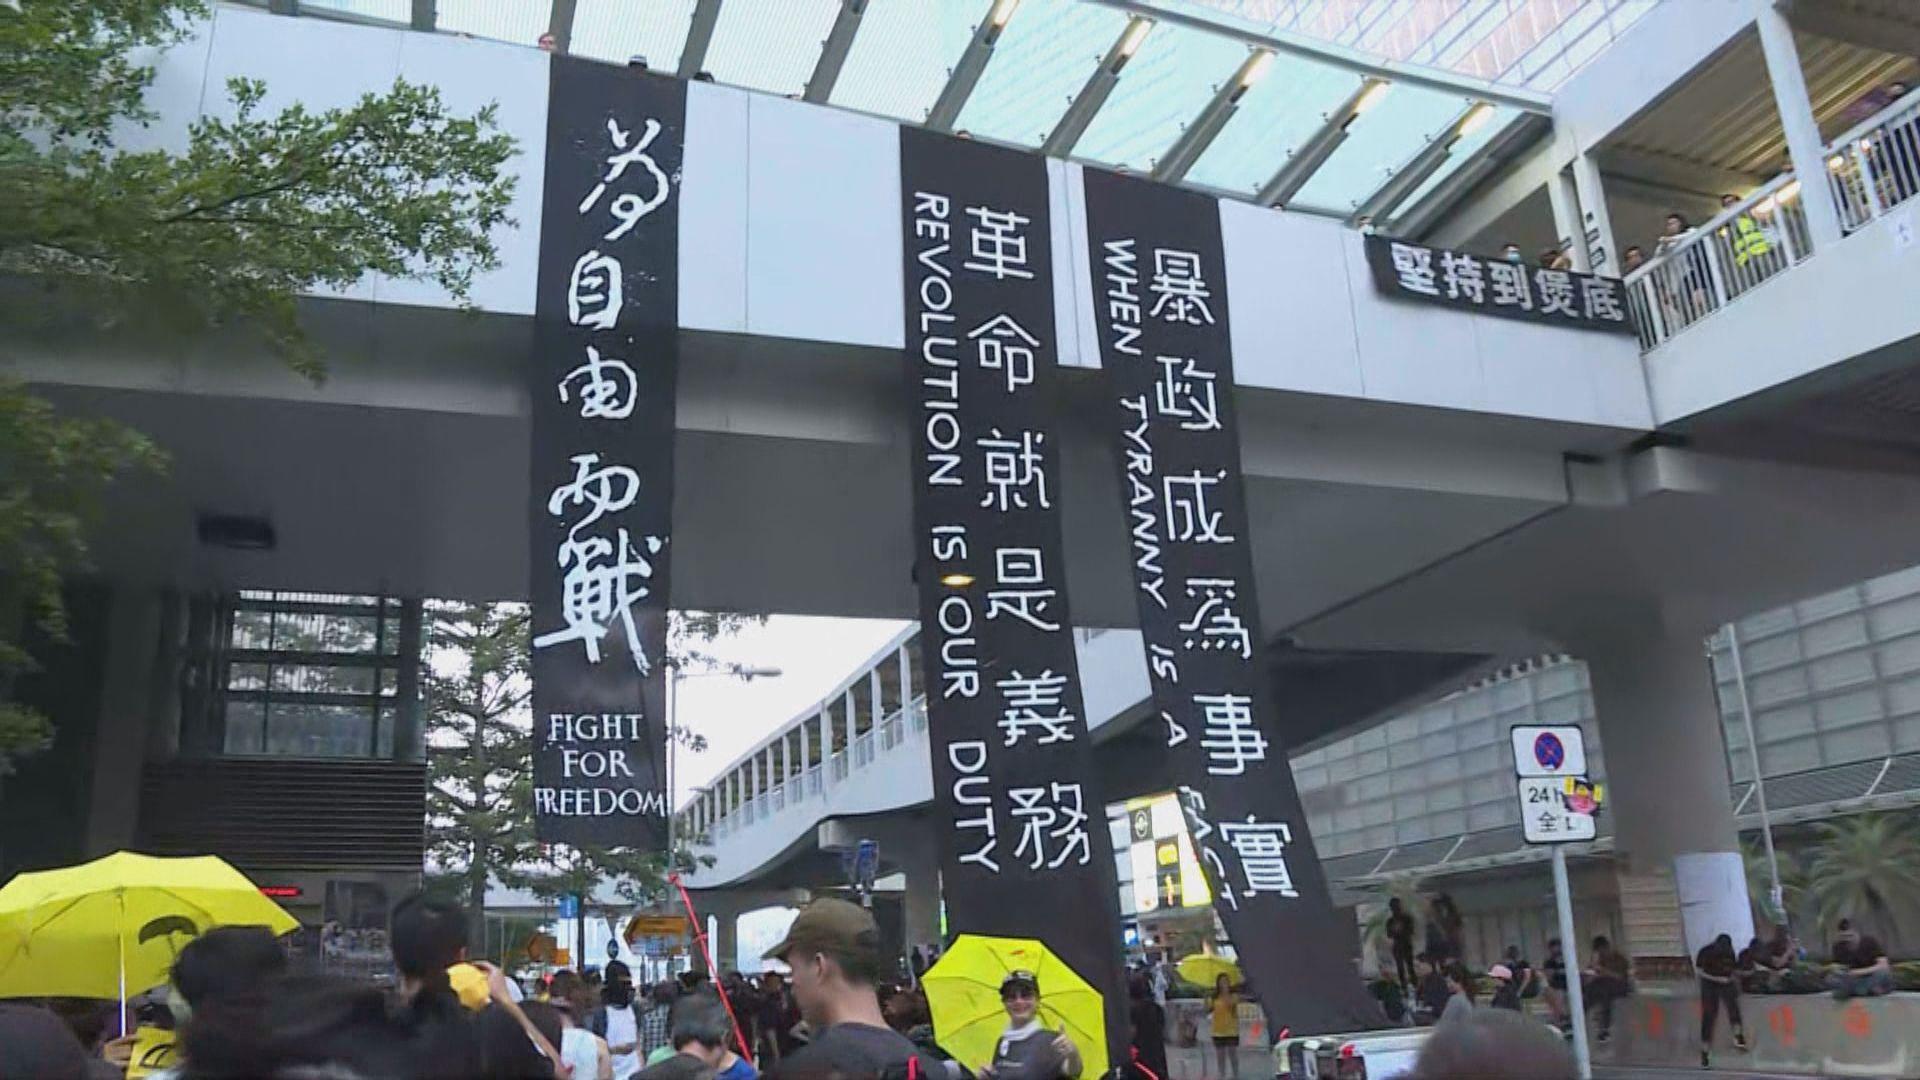 市民於政總行人天橋貼滿海報及標語